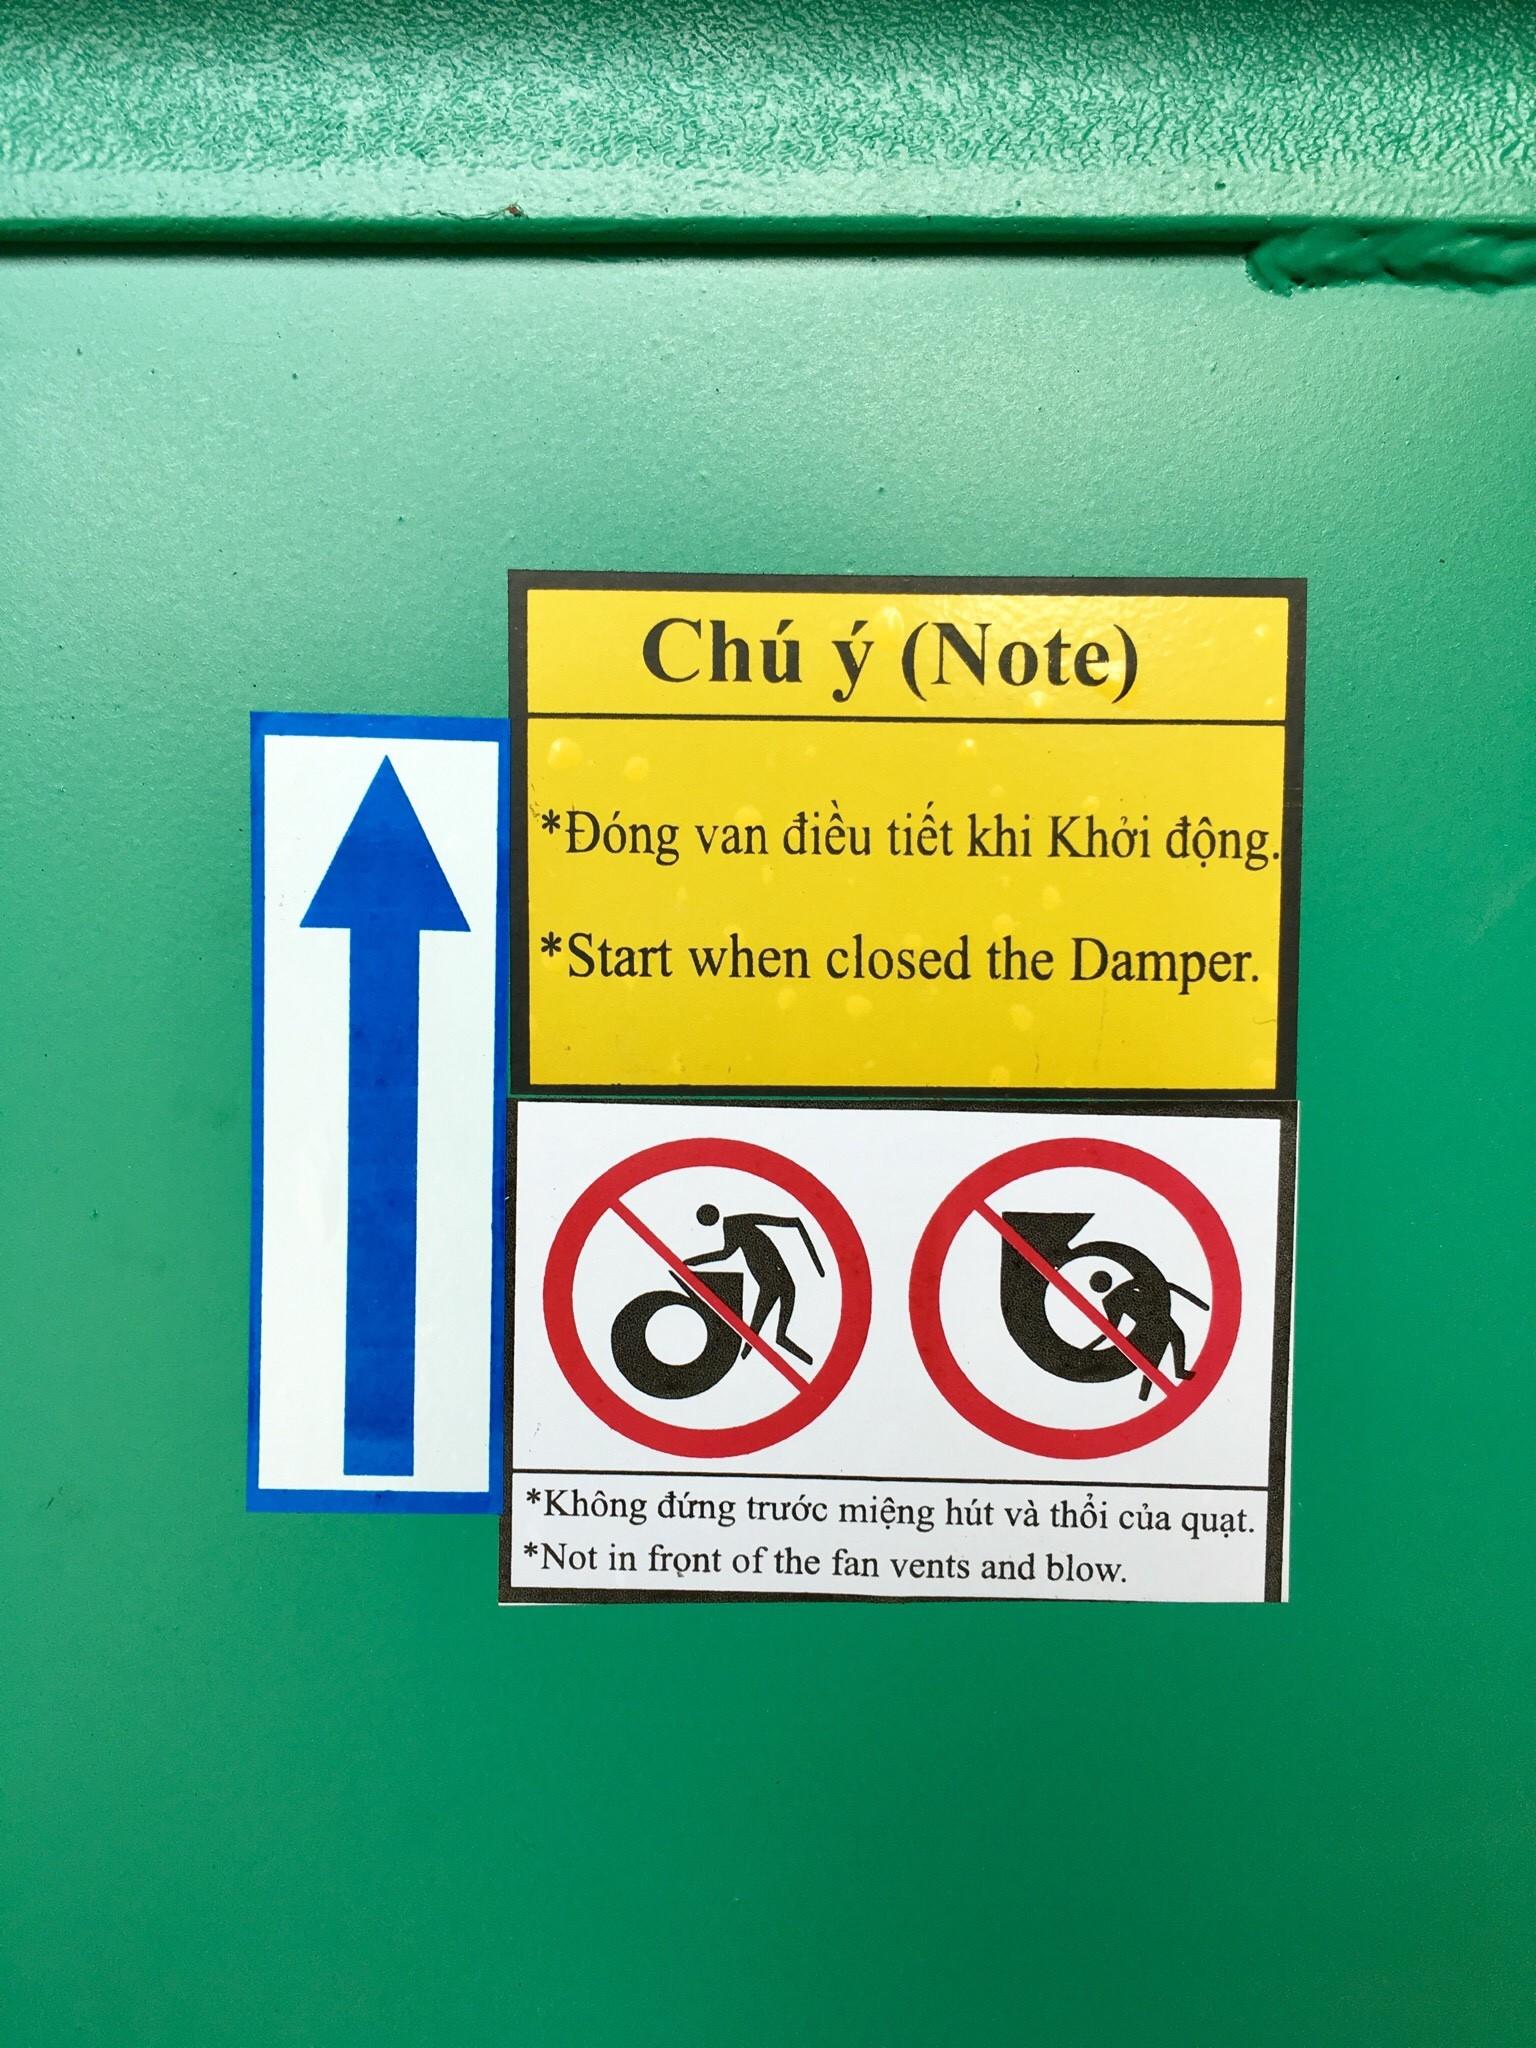 Quạt ly tâm phòng nổ Việt Hung - Lắp động cơ phòng nổ Việt Hung